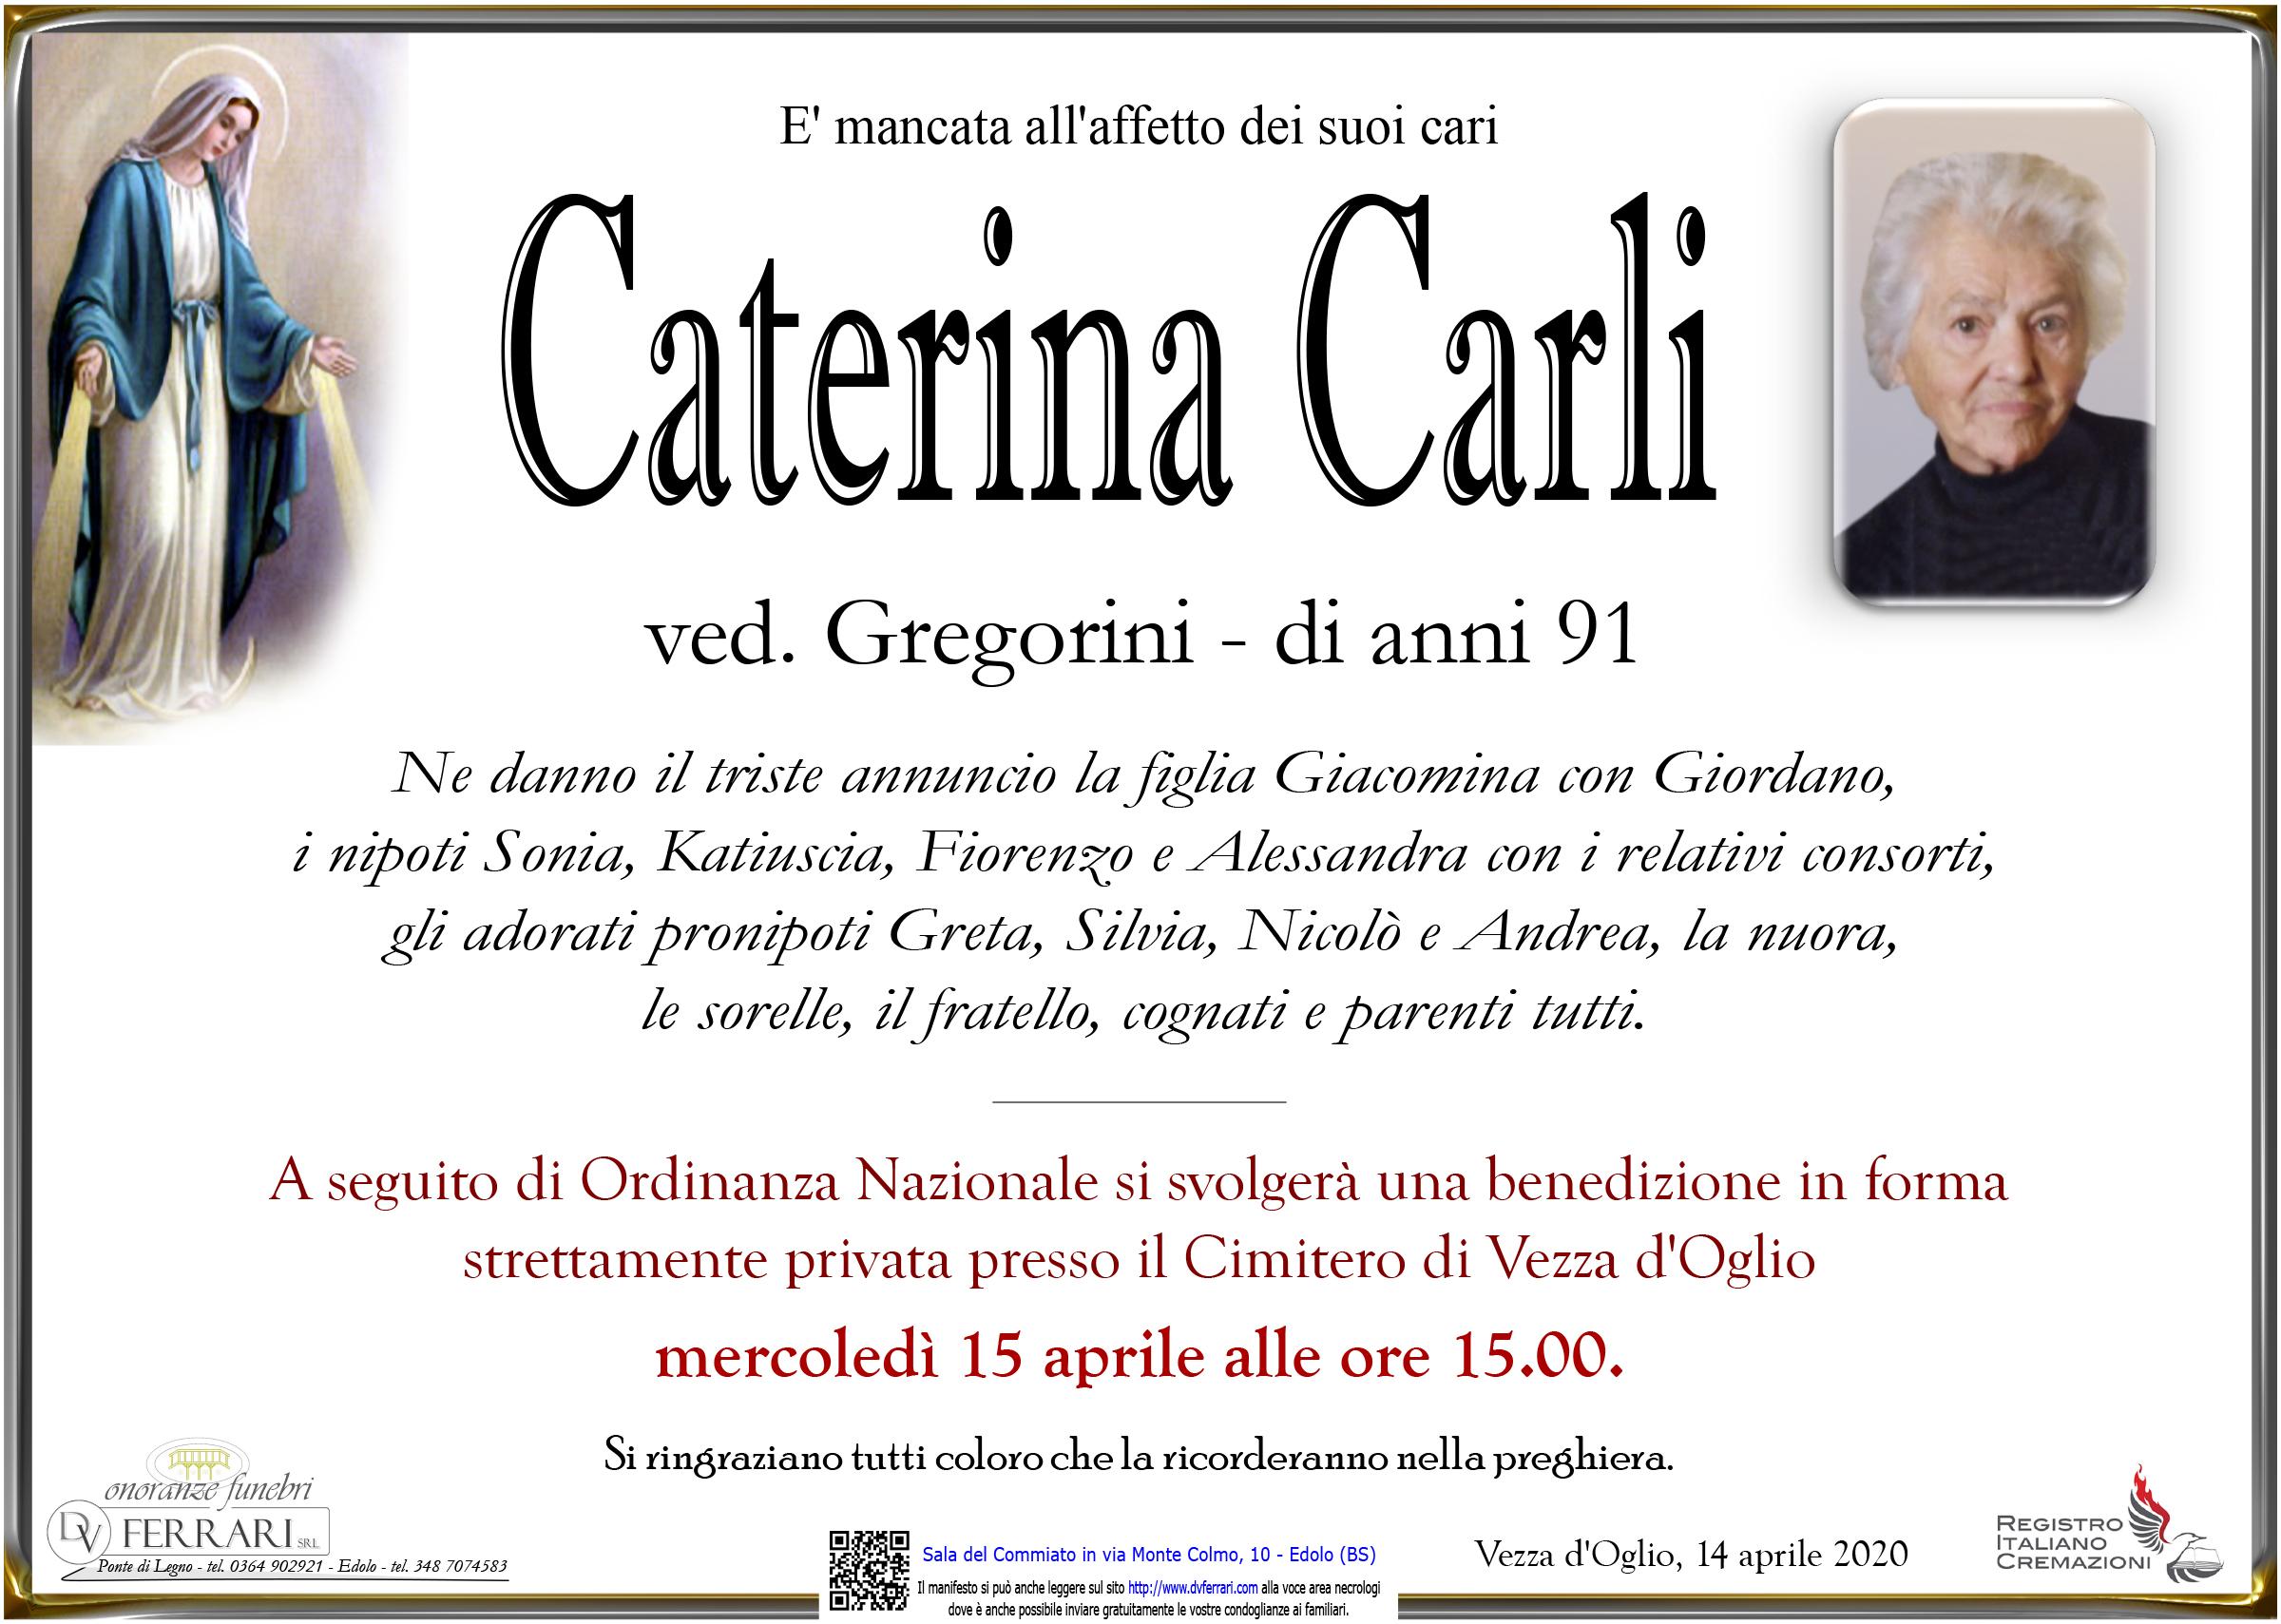 CATERINA CARLI VED. GREGORINI - VEZZA D'OGLIO